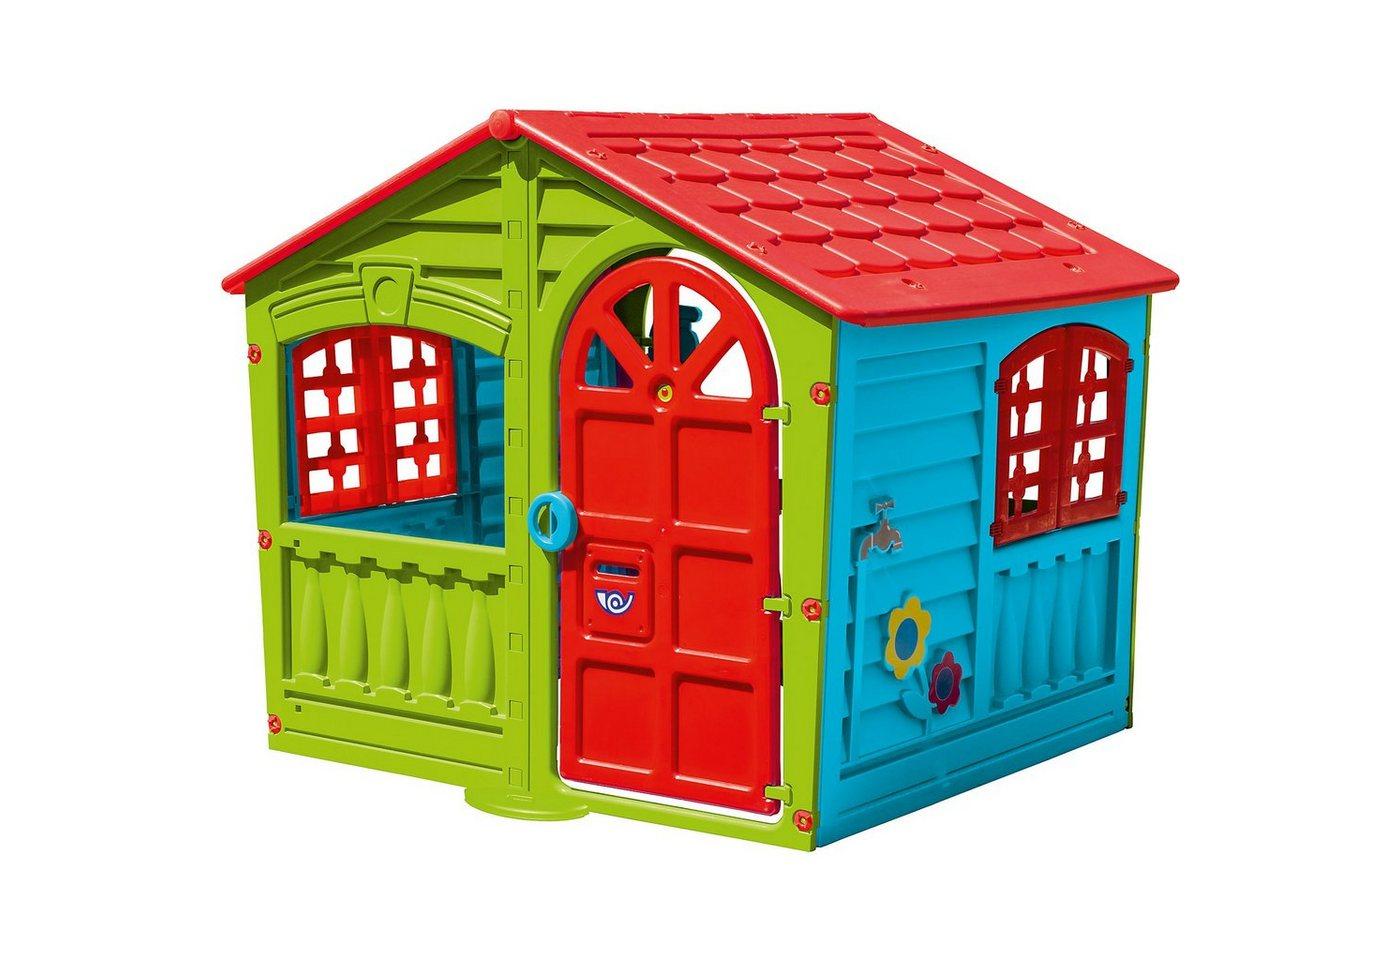 Kinderspielhaus Holz Gebraucht ~ Kinderspielhaus Gebraucht  Preisvergleiche, Erfahrungsberichte und